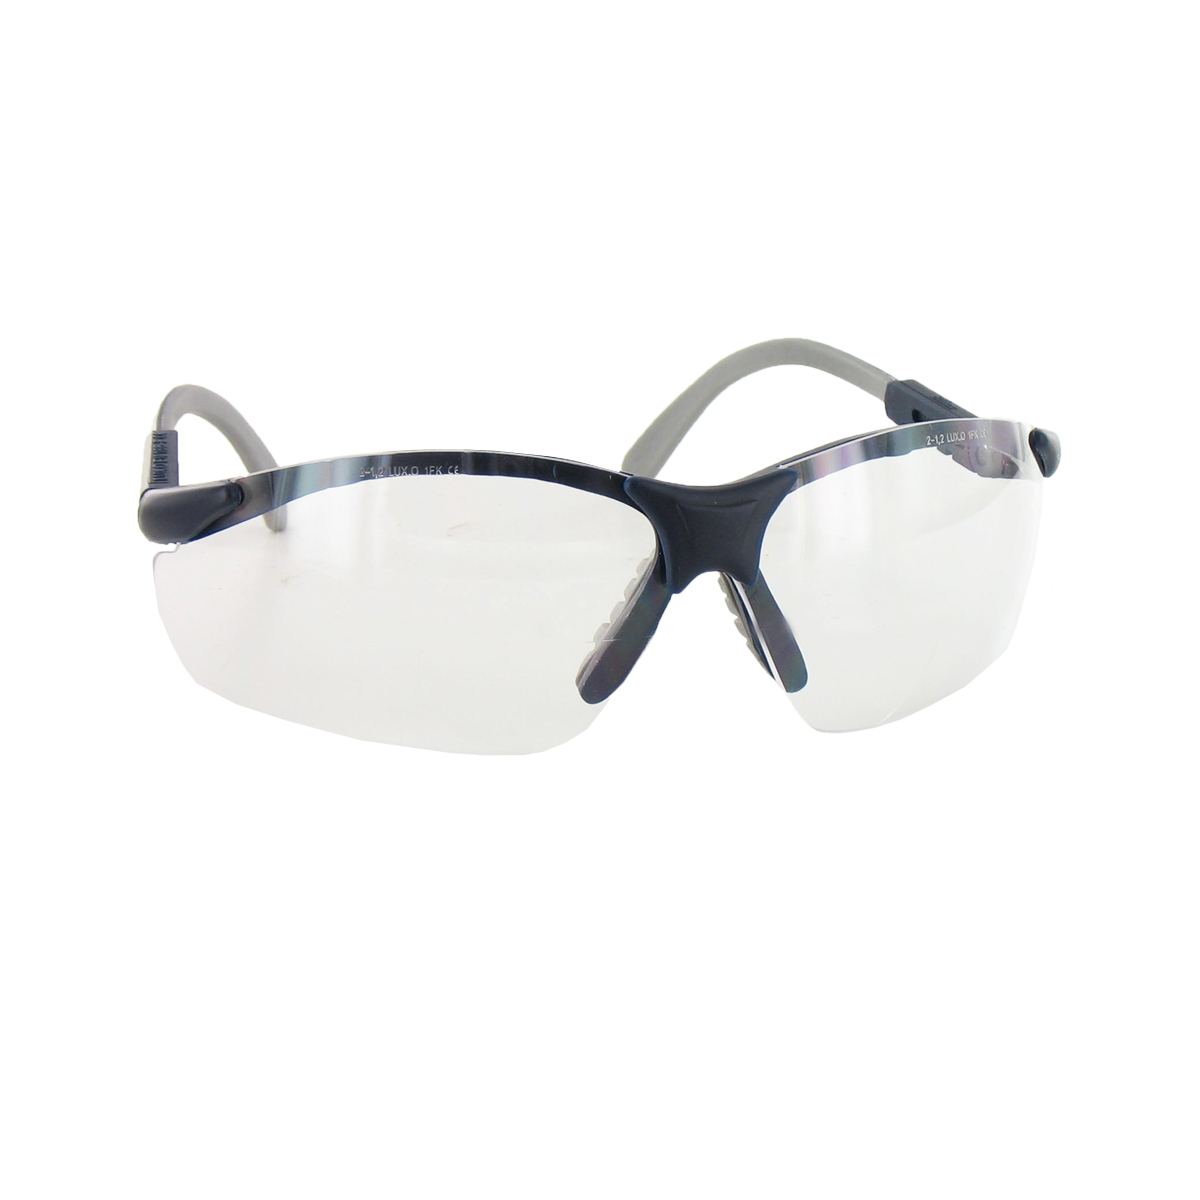 divers lunette de protection loupe pr cision. Black Bedroom Furniture Sets. Home Design Ideas